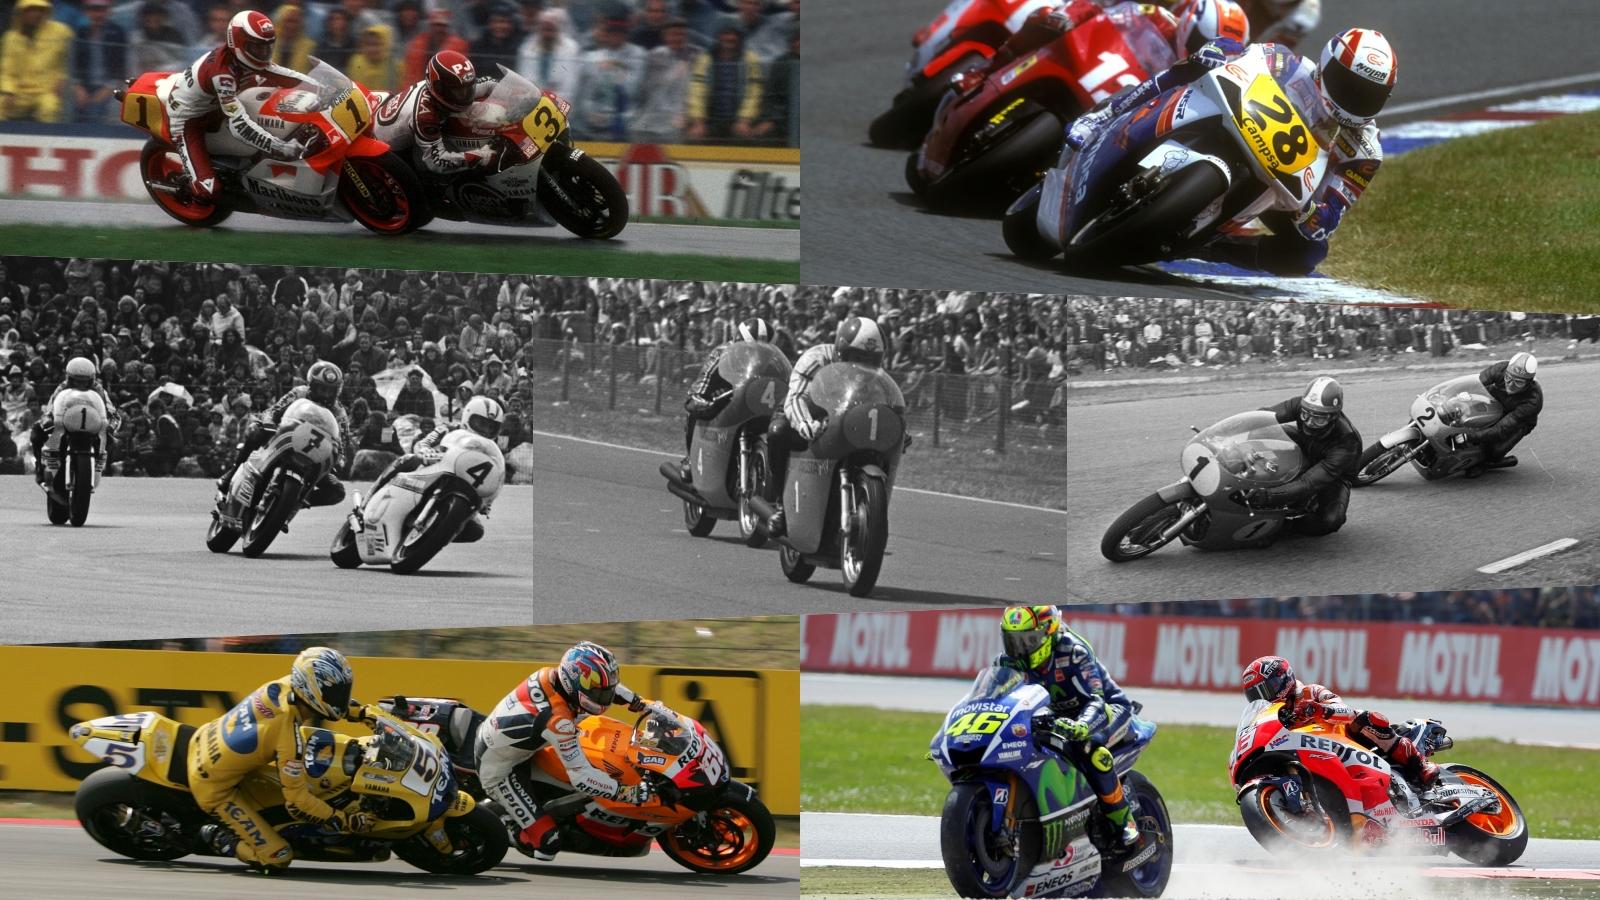 El TT de Assen, fuera de MotoGP tras 71 años